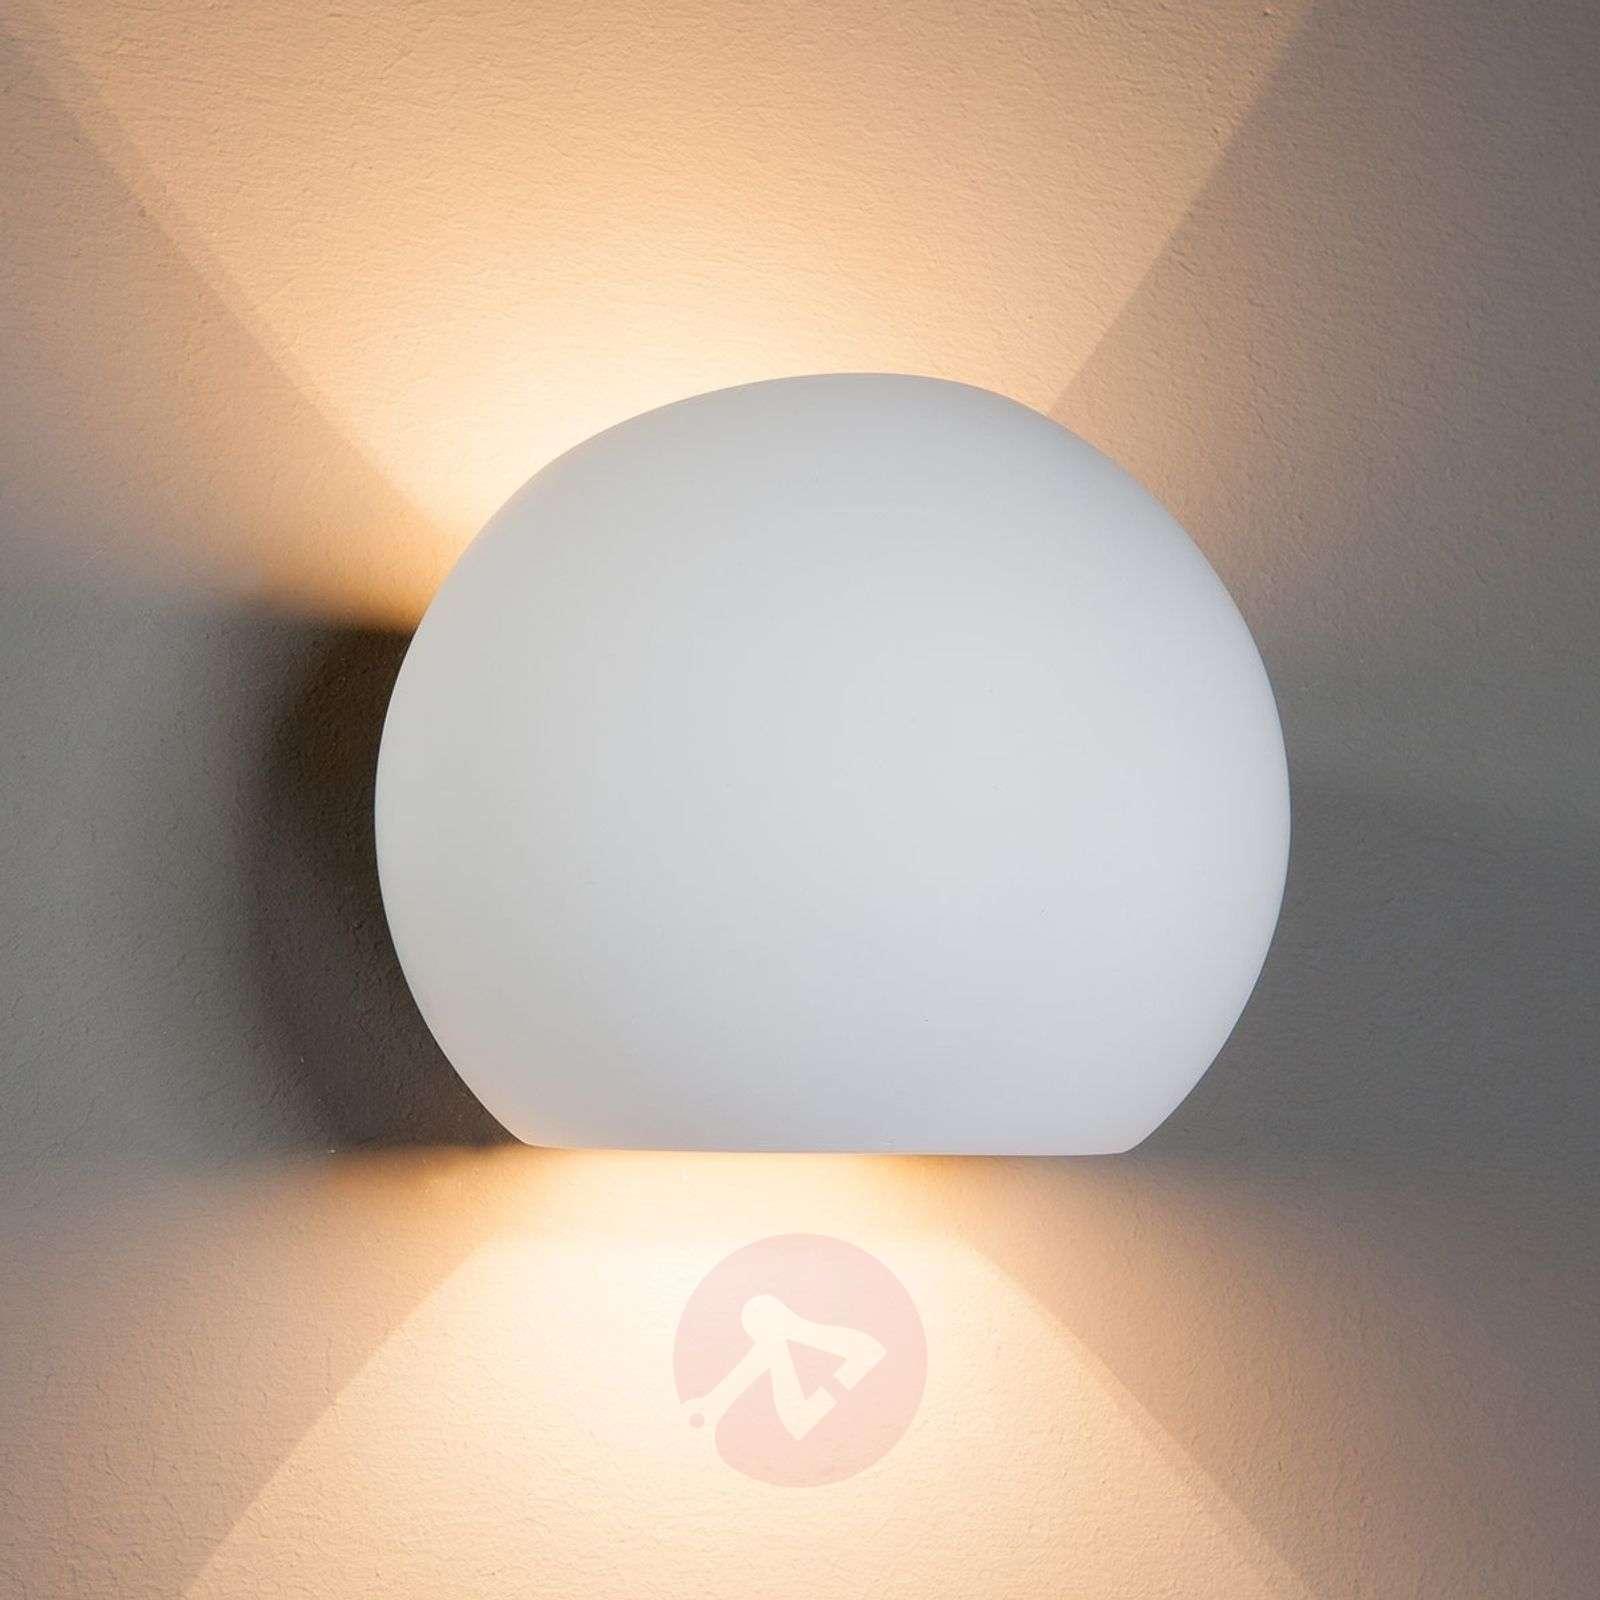 Pallon muotoinen kipsi-halogeeni-seinälamppu Elina-9613002-01